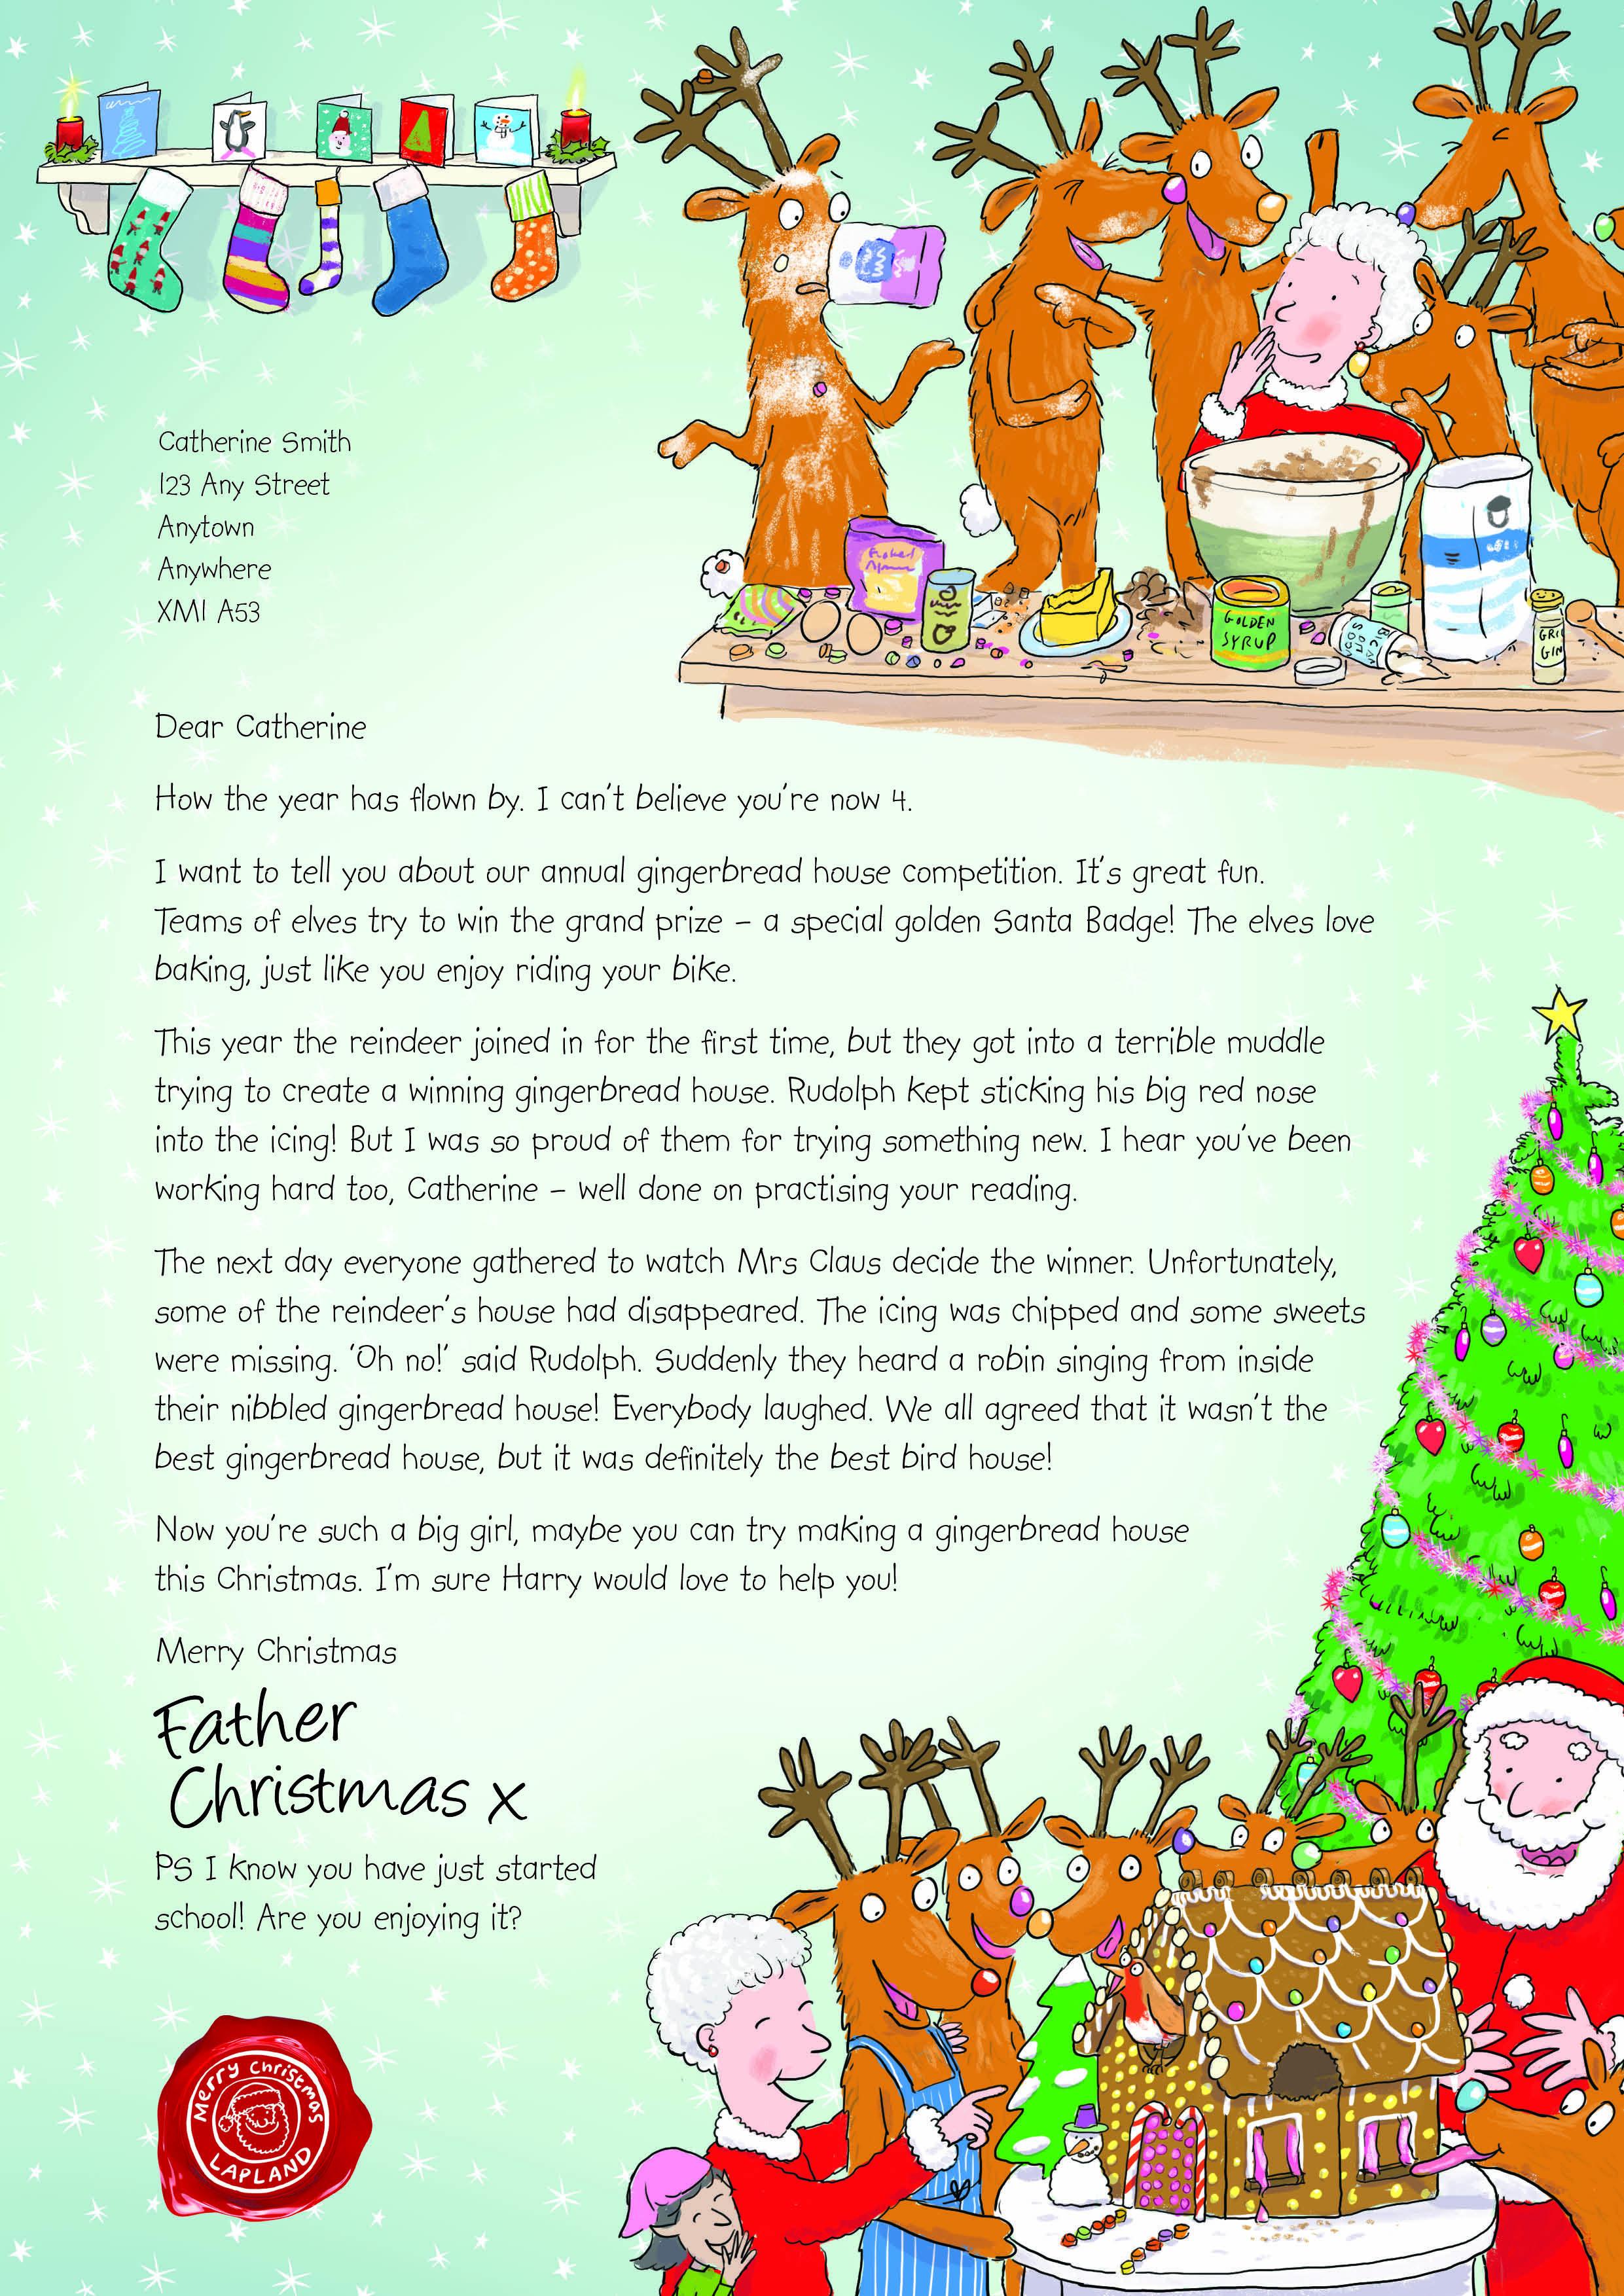 NSPCC Letter from Santa (2013) Santa letter, Christmas